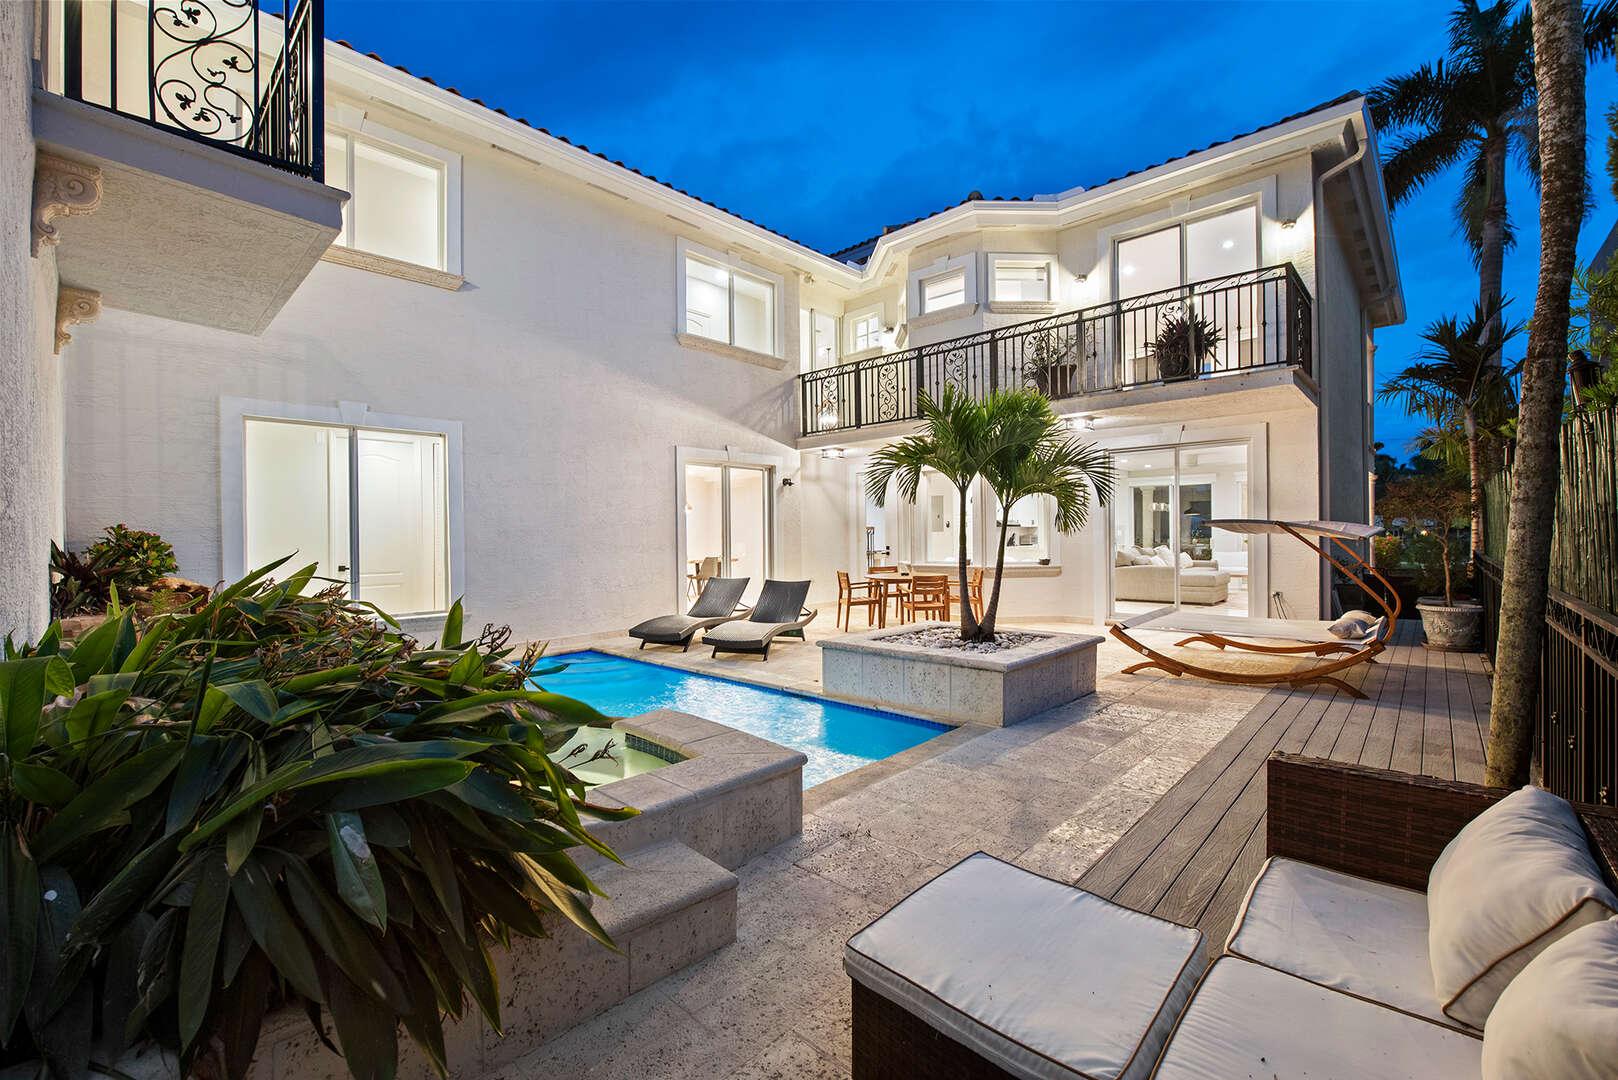 - Villa Belmar - Image 1/50